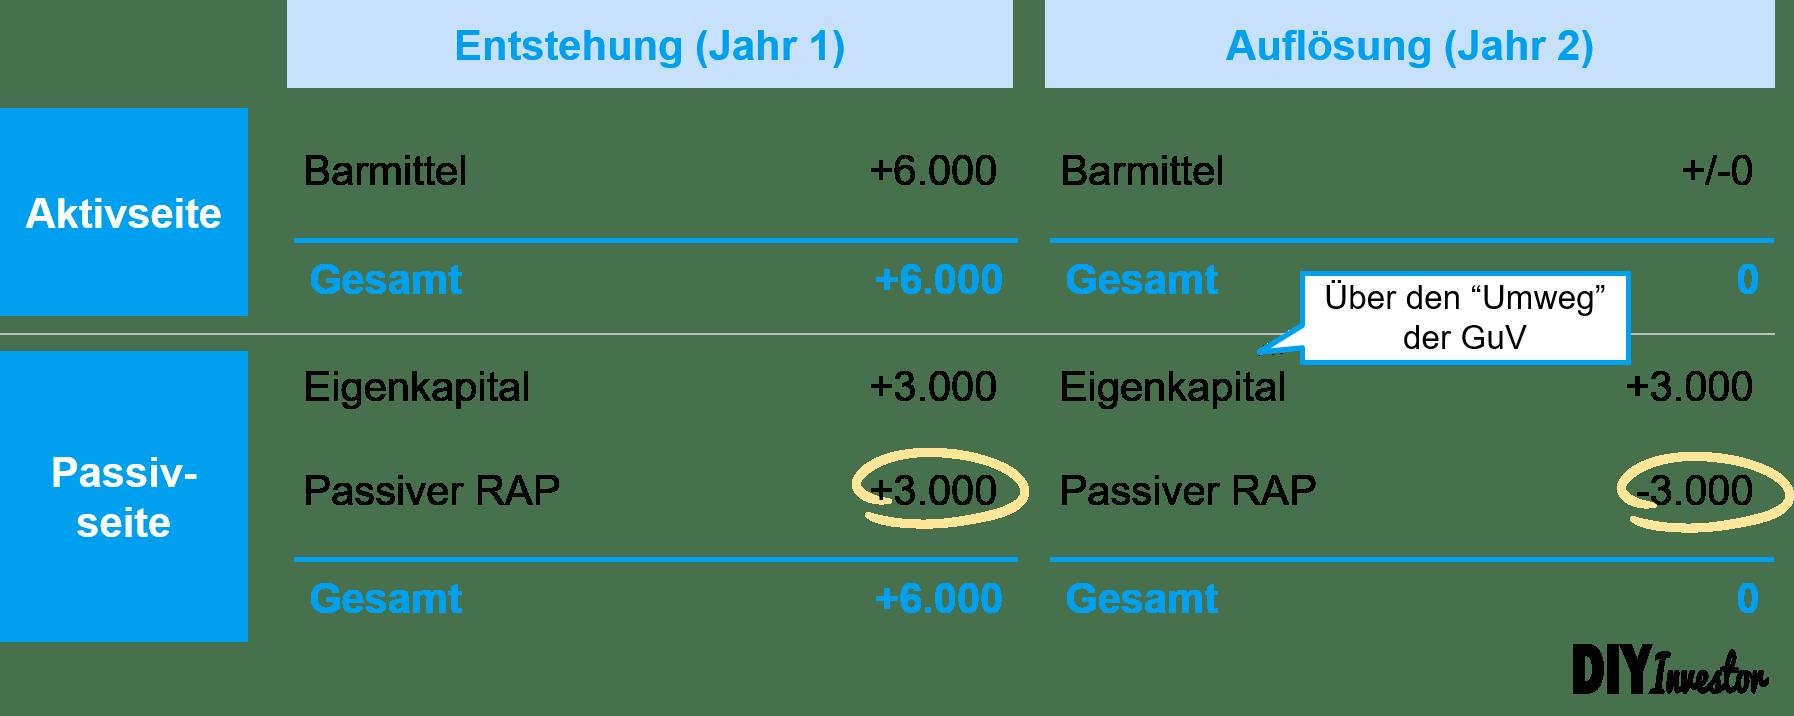 Entstehung und Auflösung passiver RAP